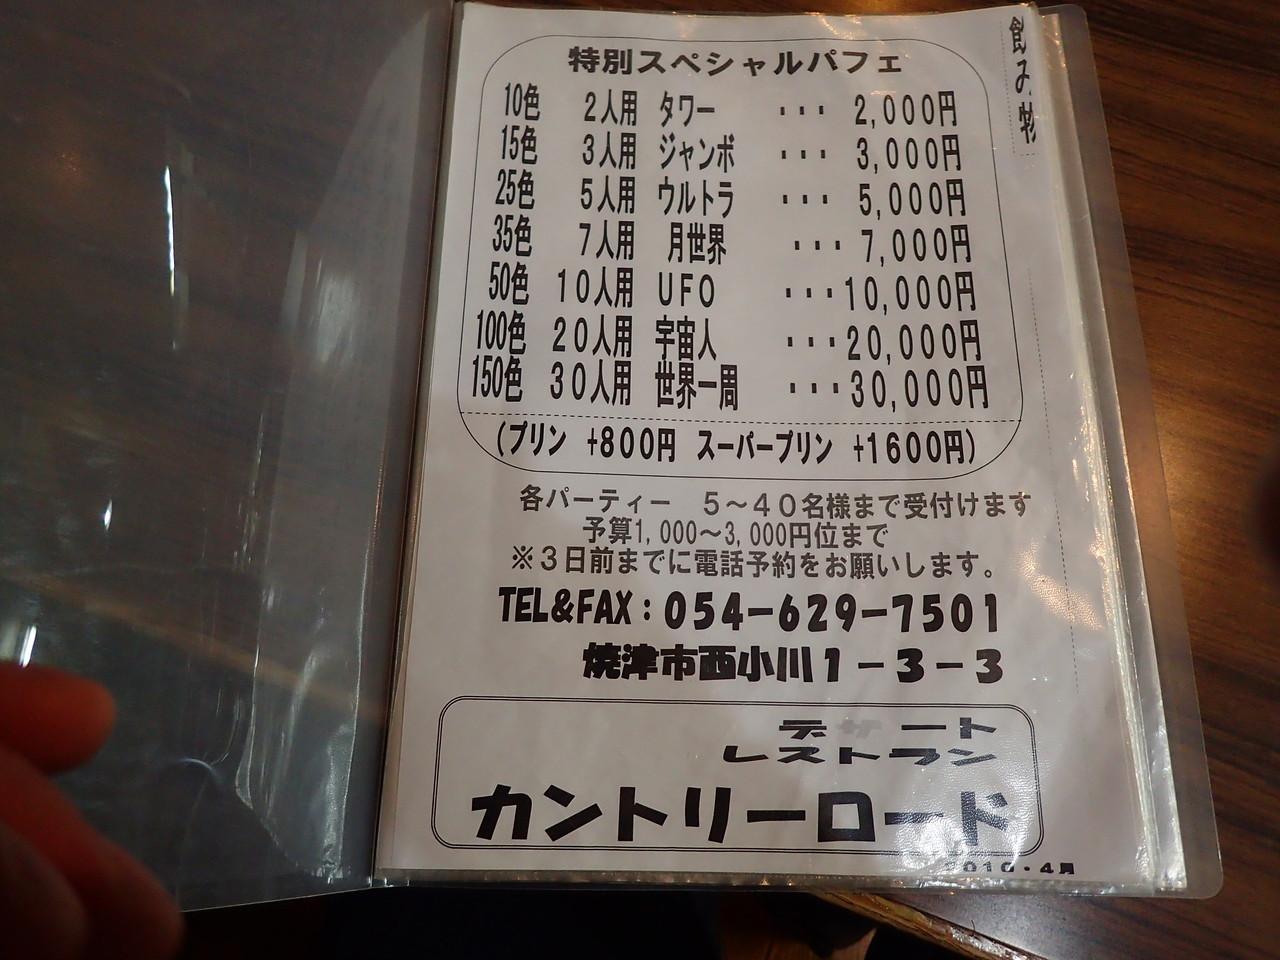 カントリーロード」のデカ盛りプリンと変り種パフェを味わう!!!